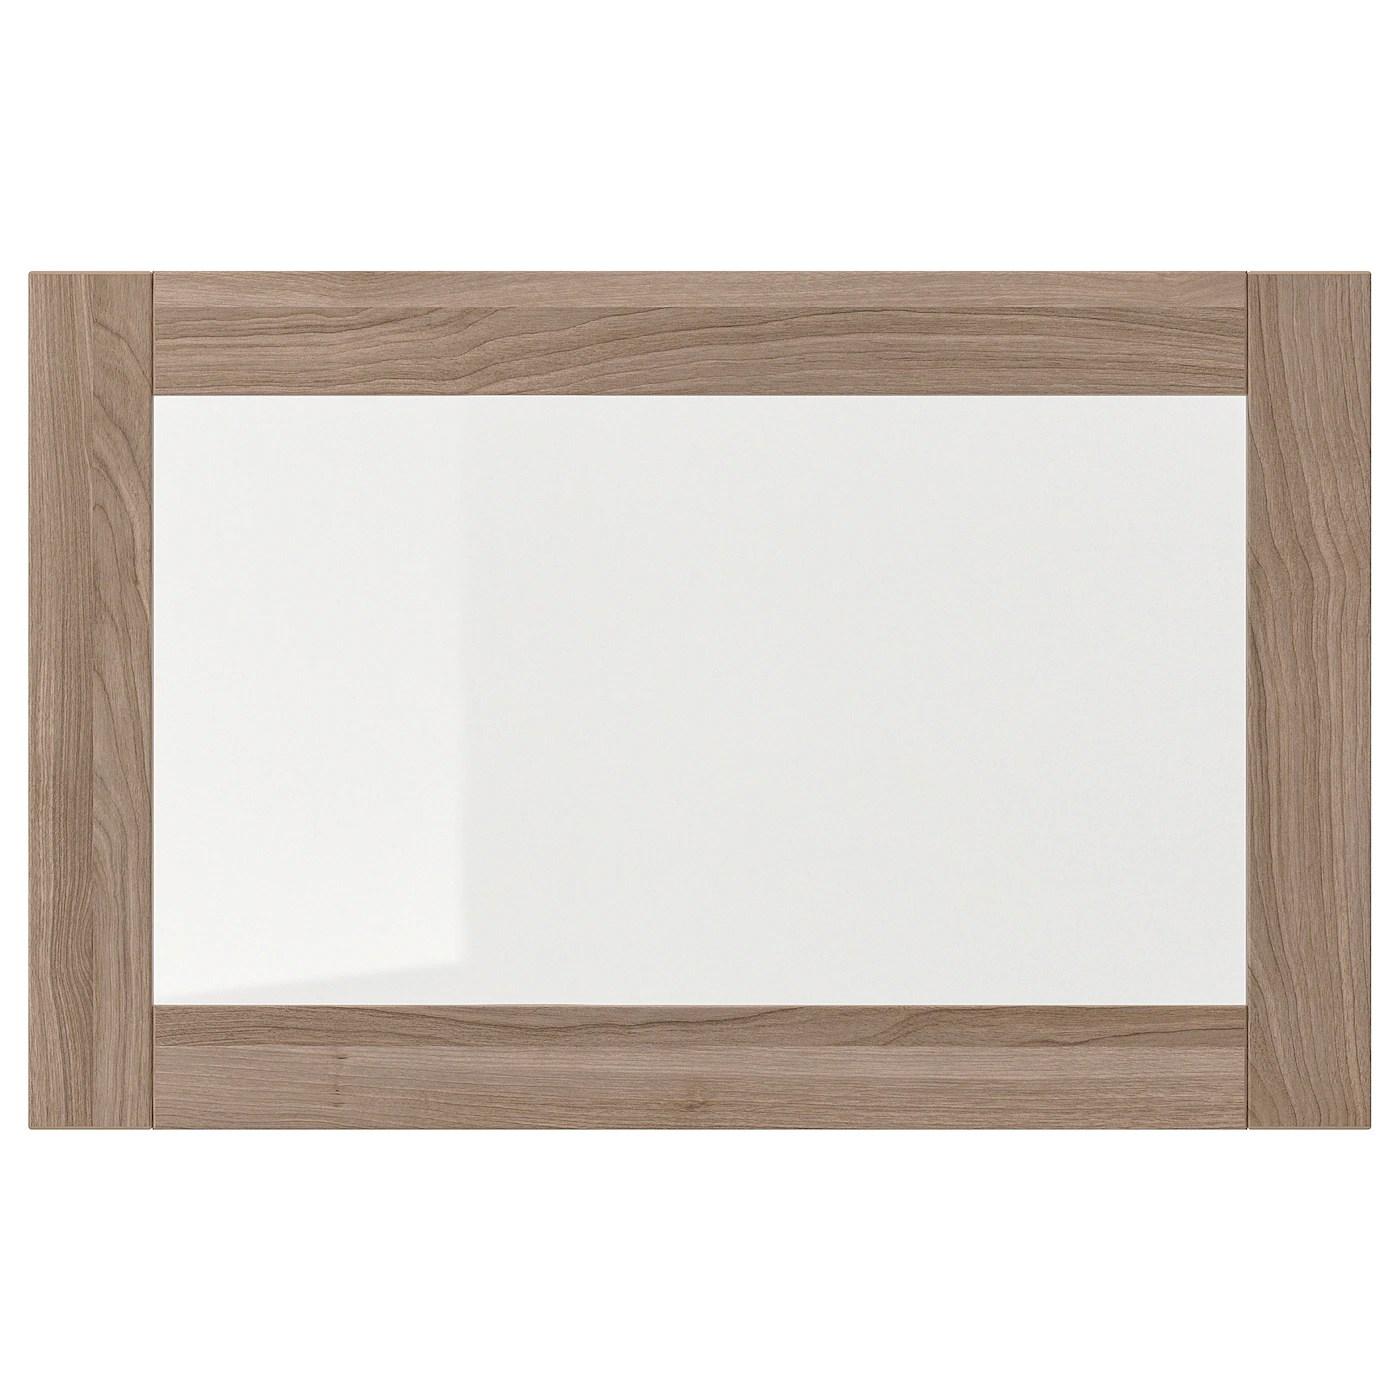 sindvik porte vitree motif noyer teinte gris verre transparent 60x38 cm